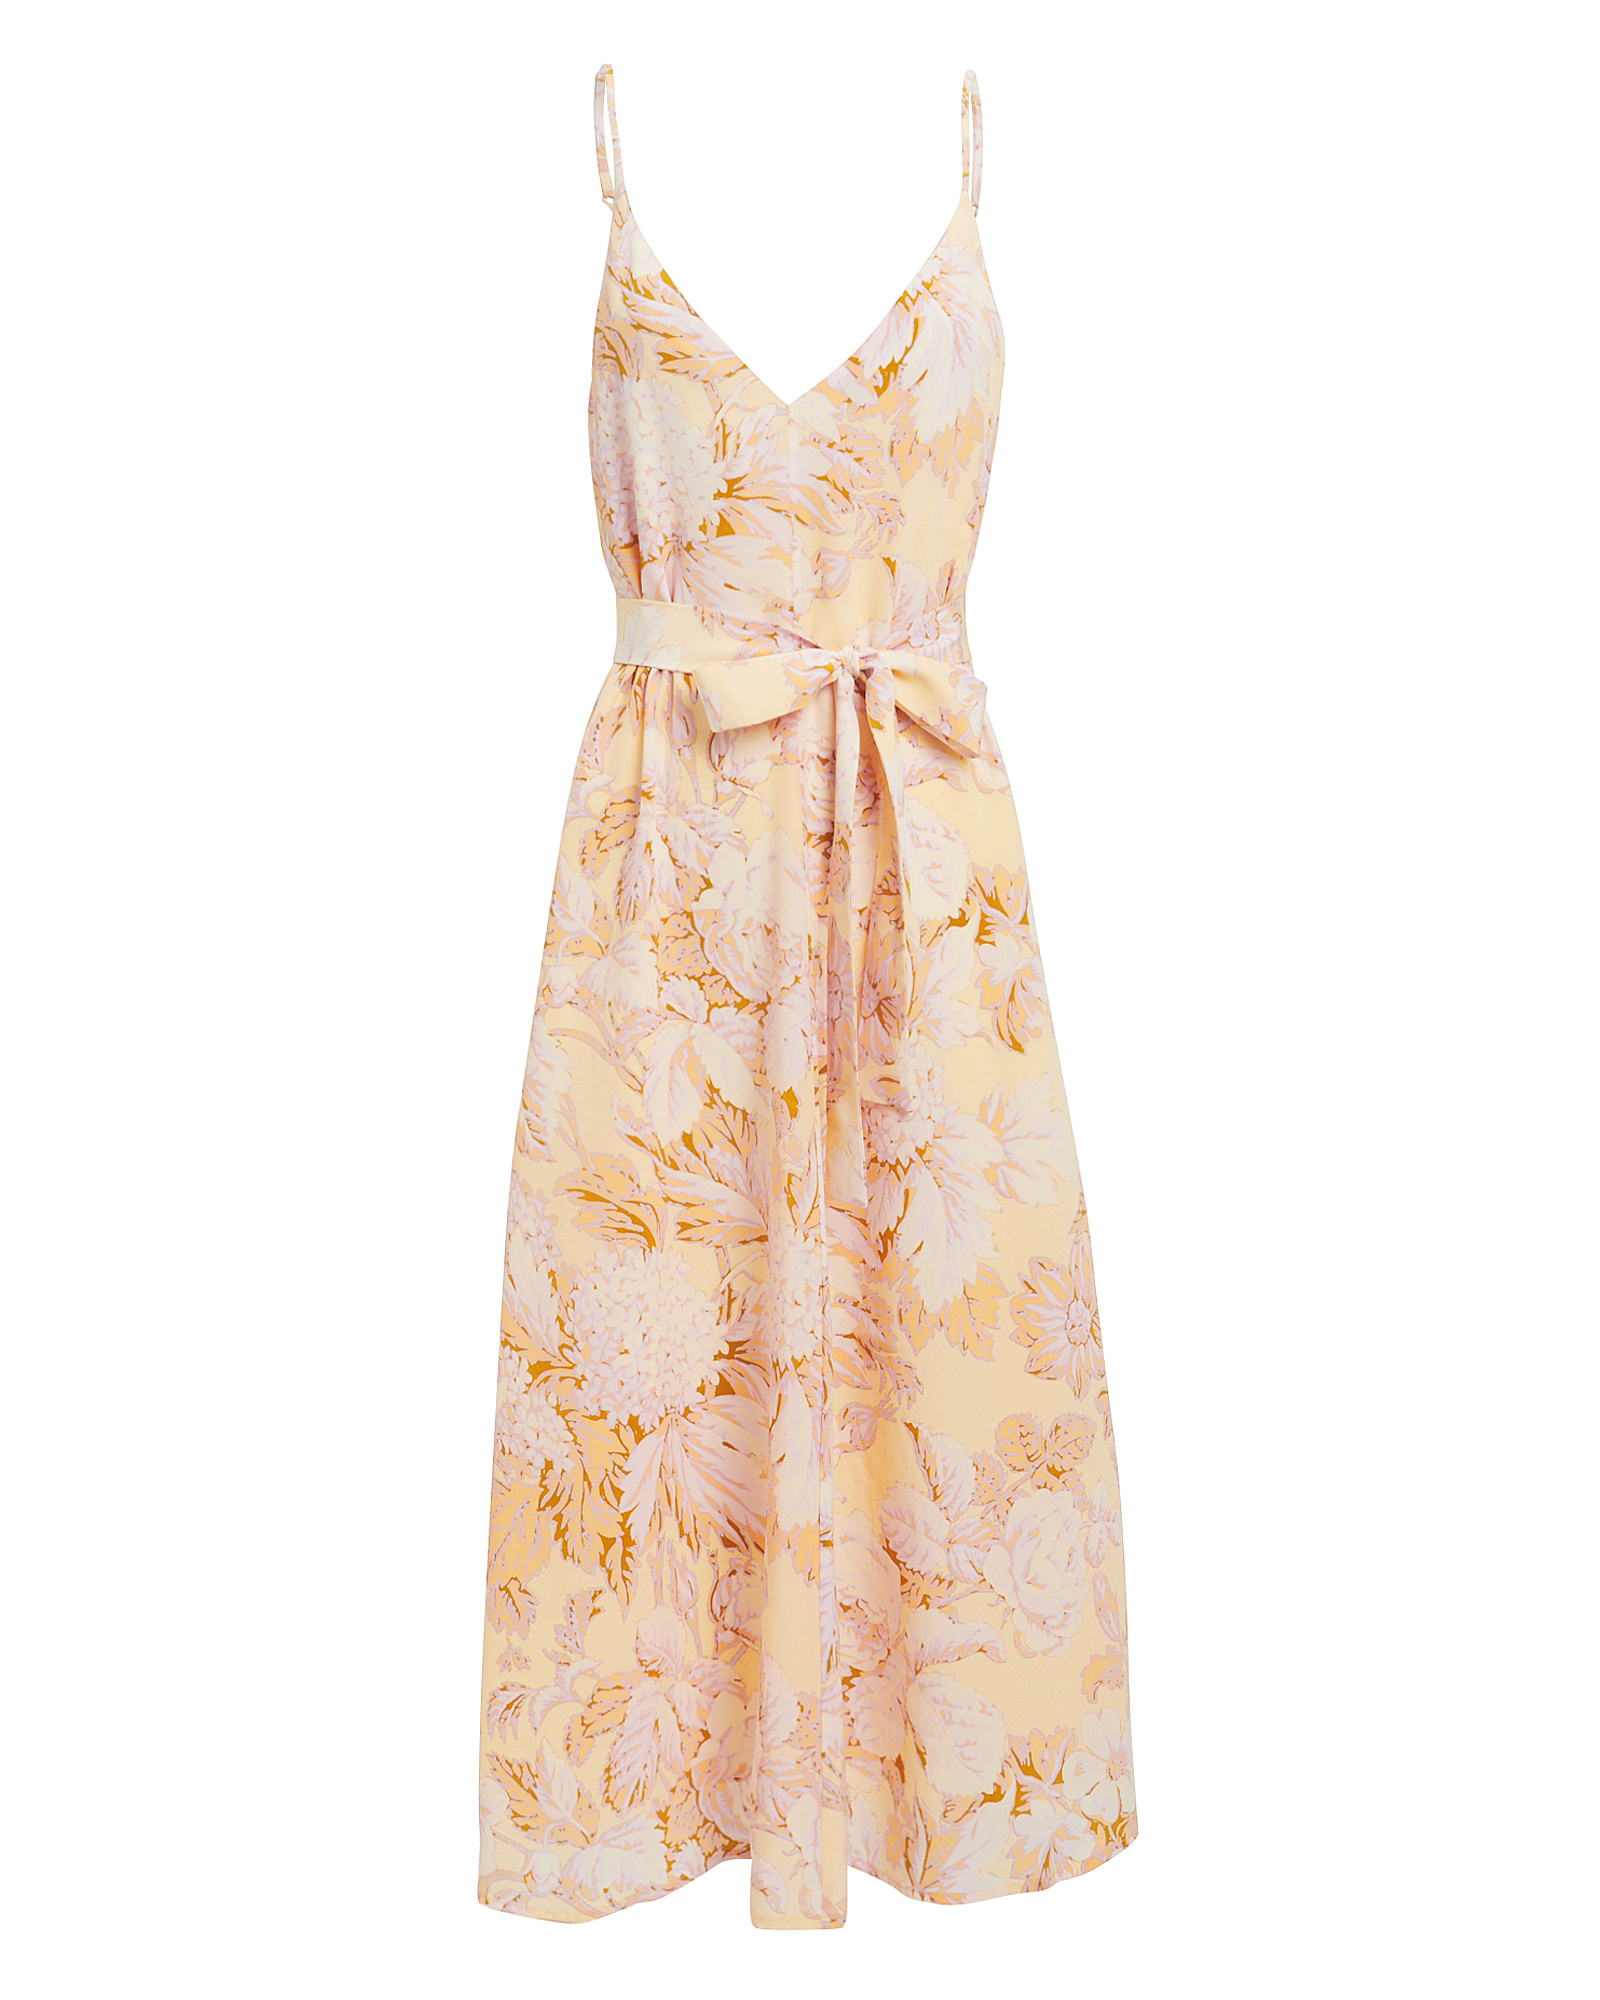 Stine Goya Dresses STINE GOYA GIANNA HORTENSIA DRESS  MULTI S